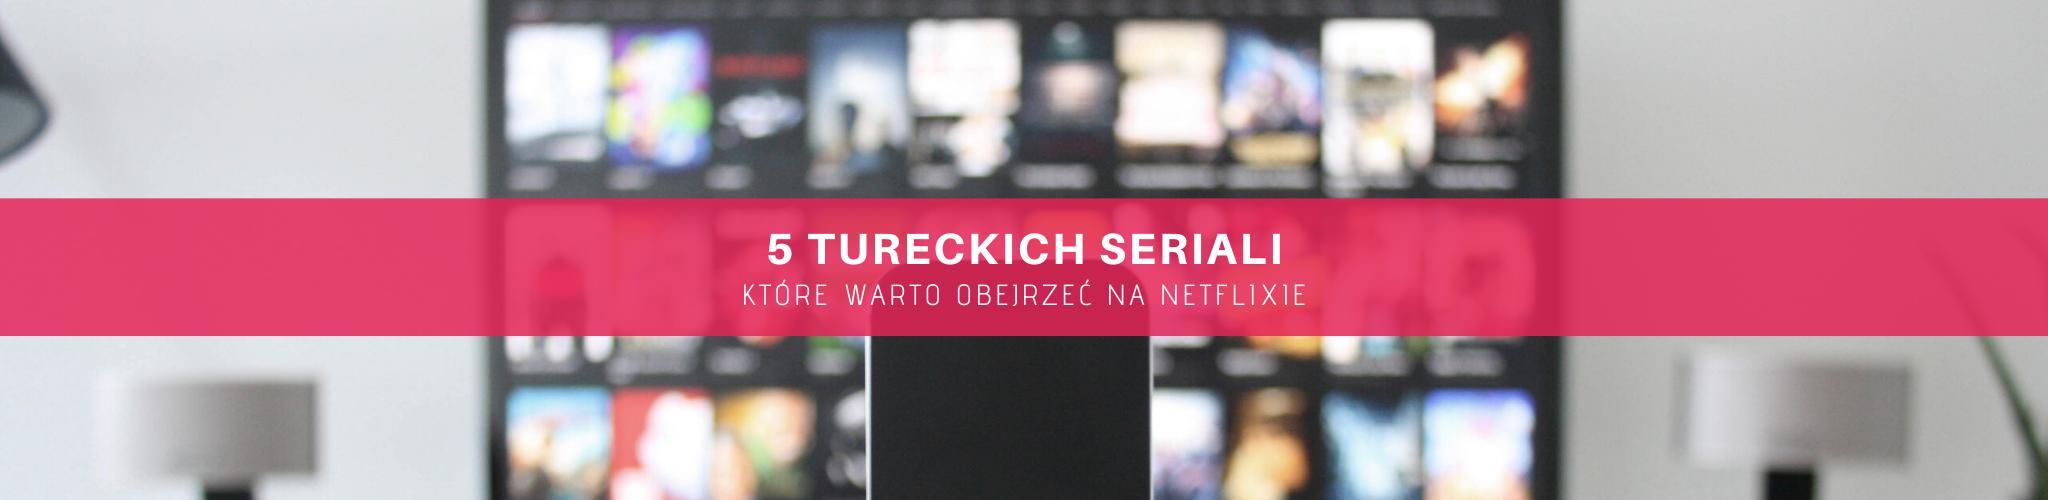 netflix Netflix: 5 tureckich seriali, idealnych na czas kwarantanny